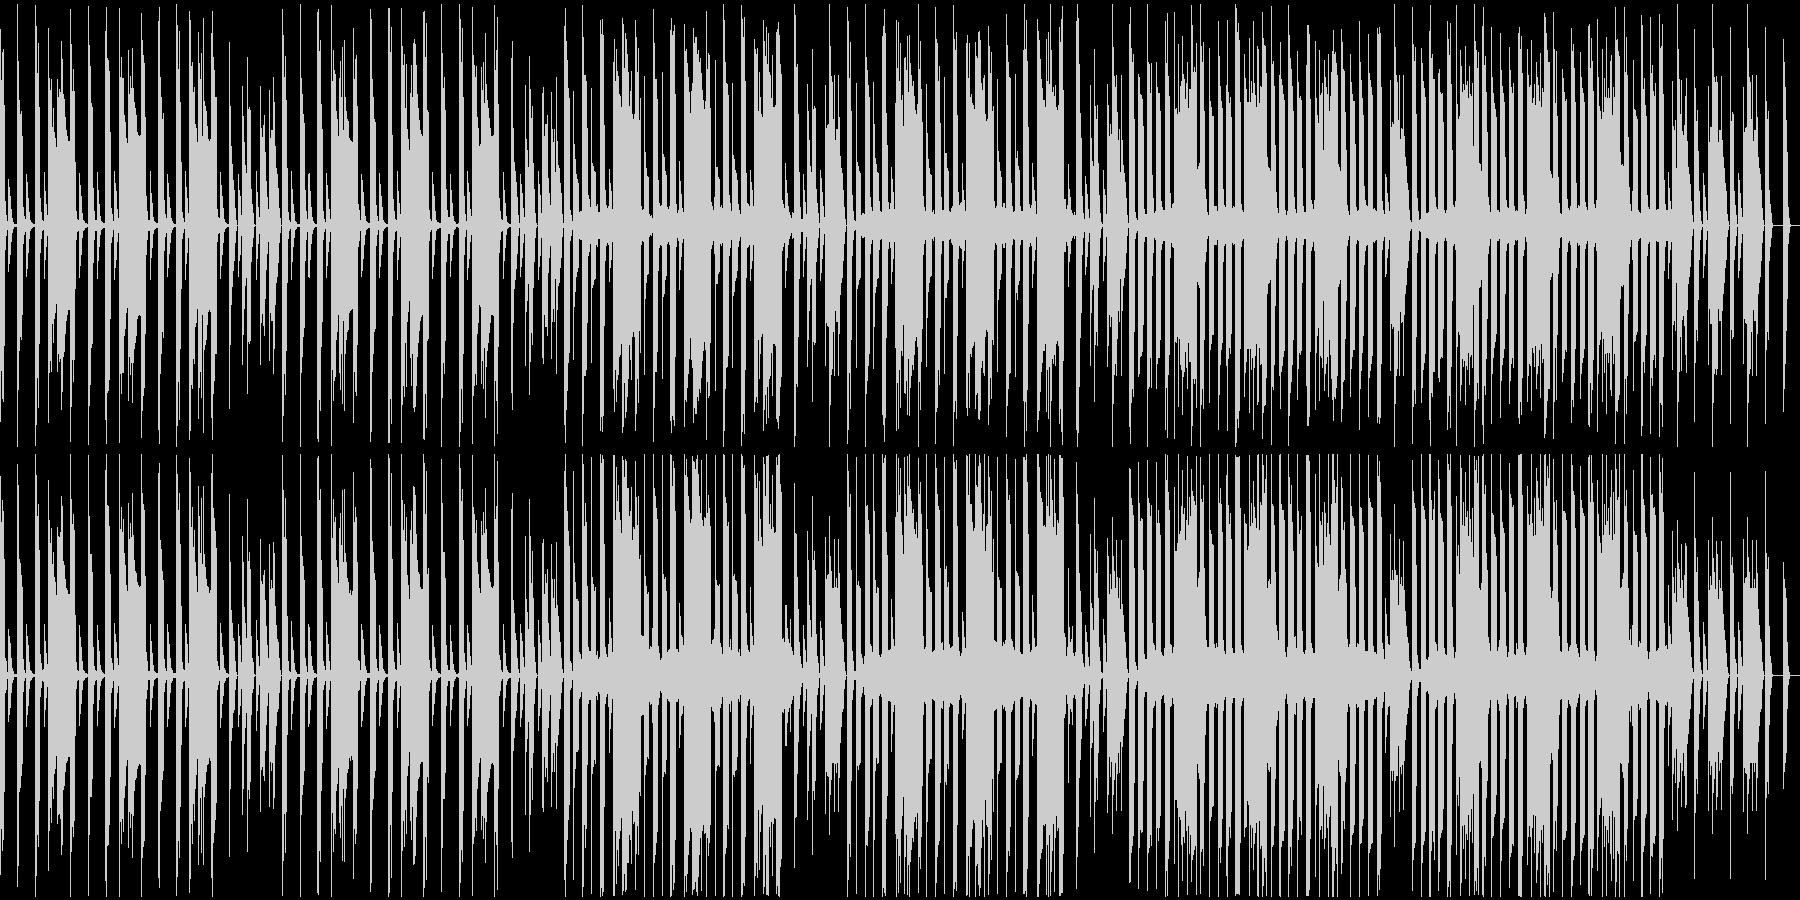 ループ仕様、8bit風、コミカルの未再生の波形